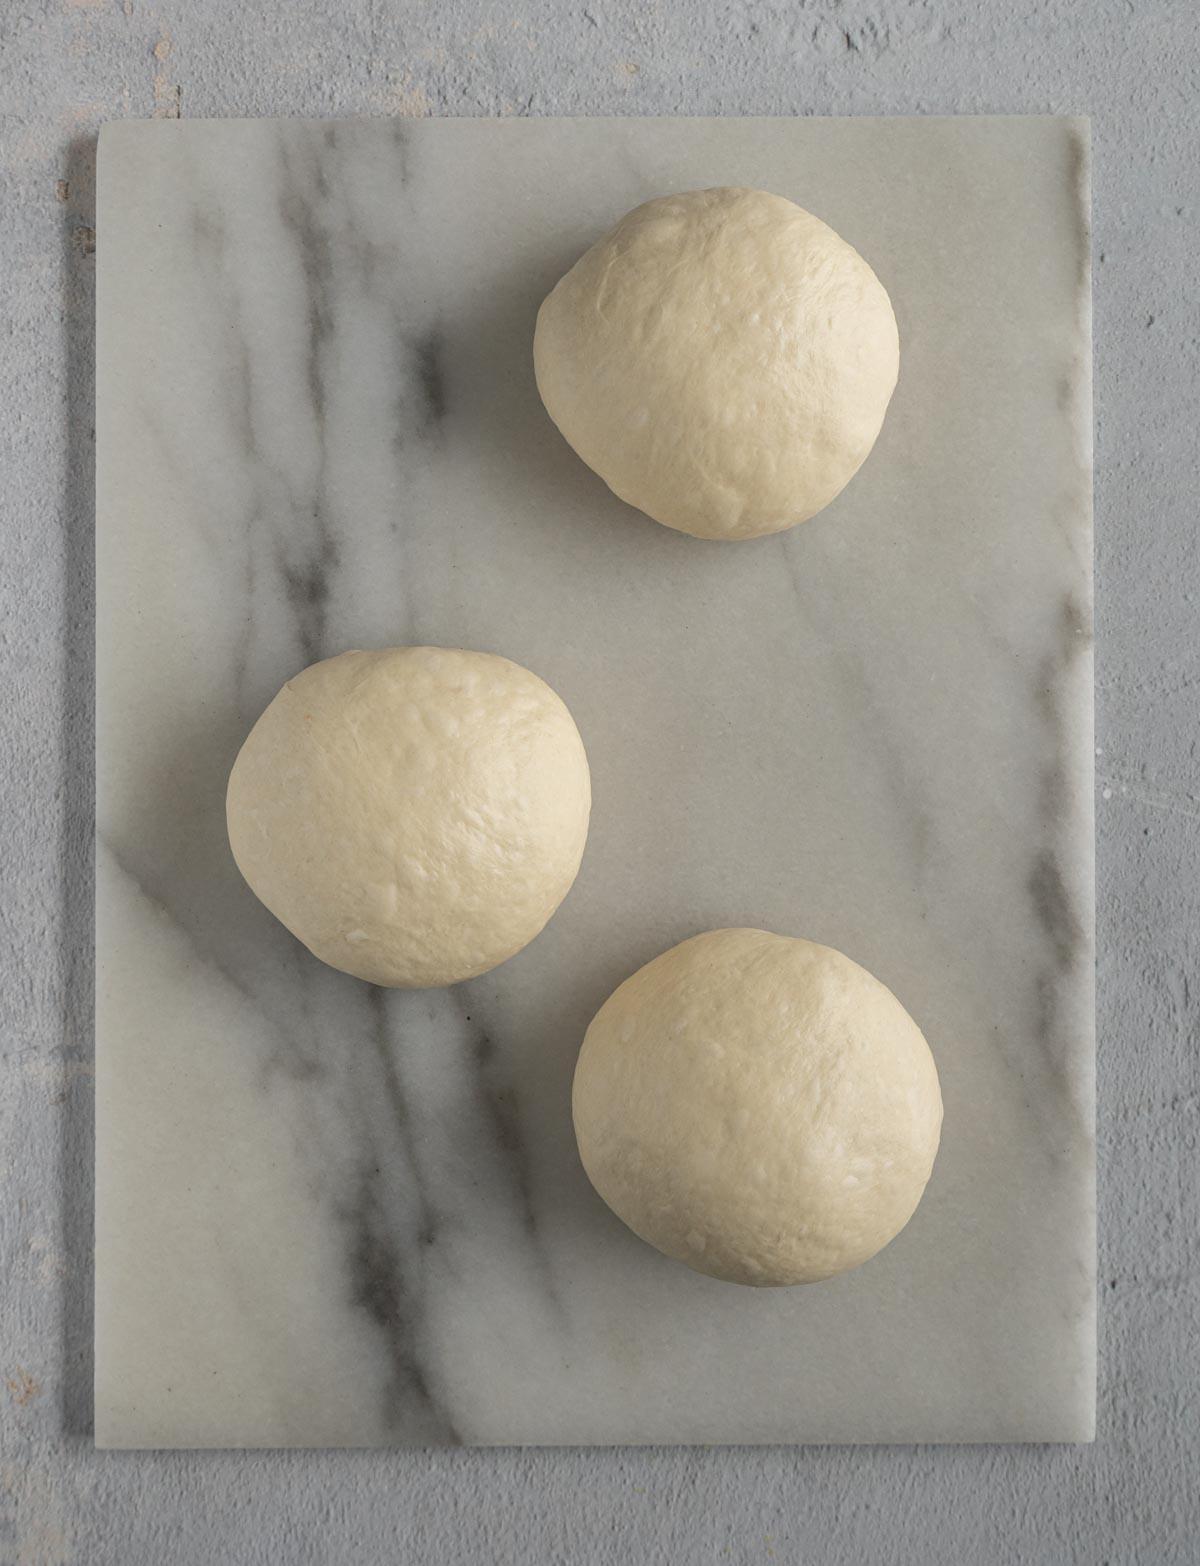 Milk bread dough divide into 3.